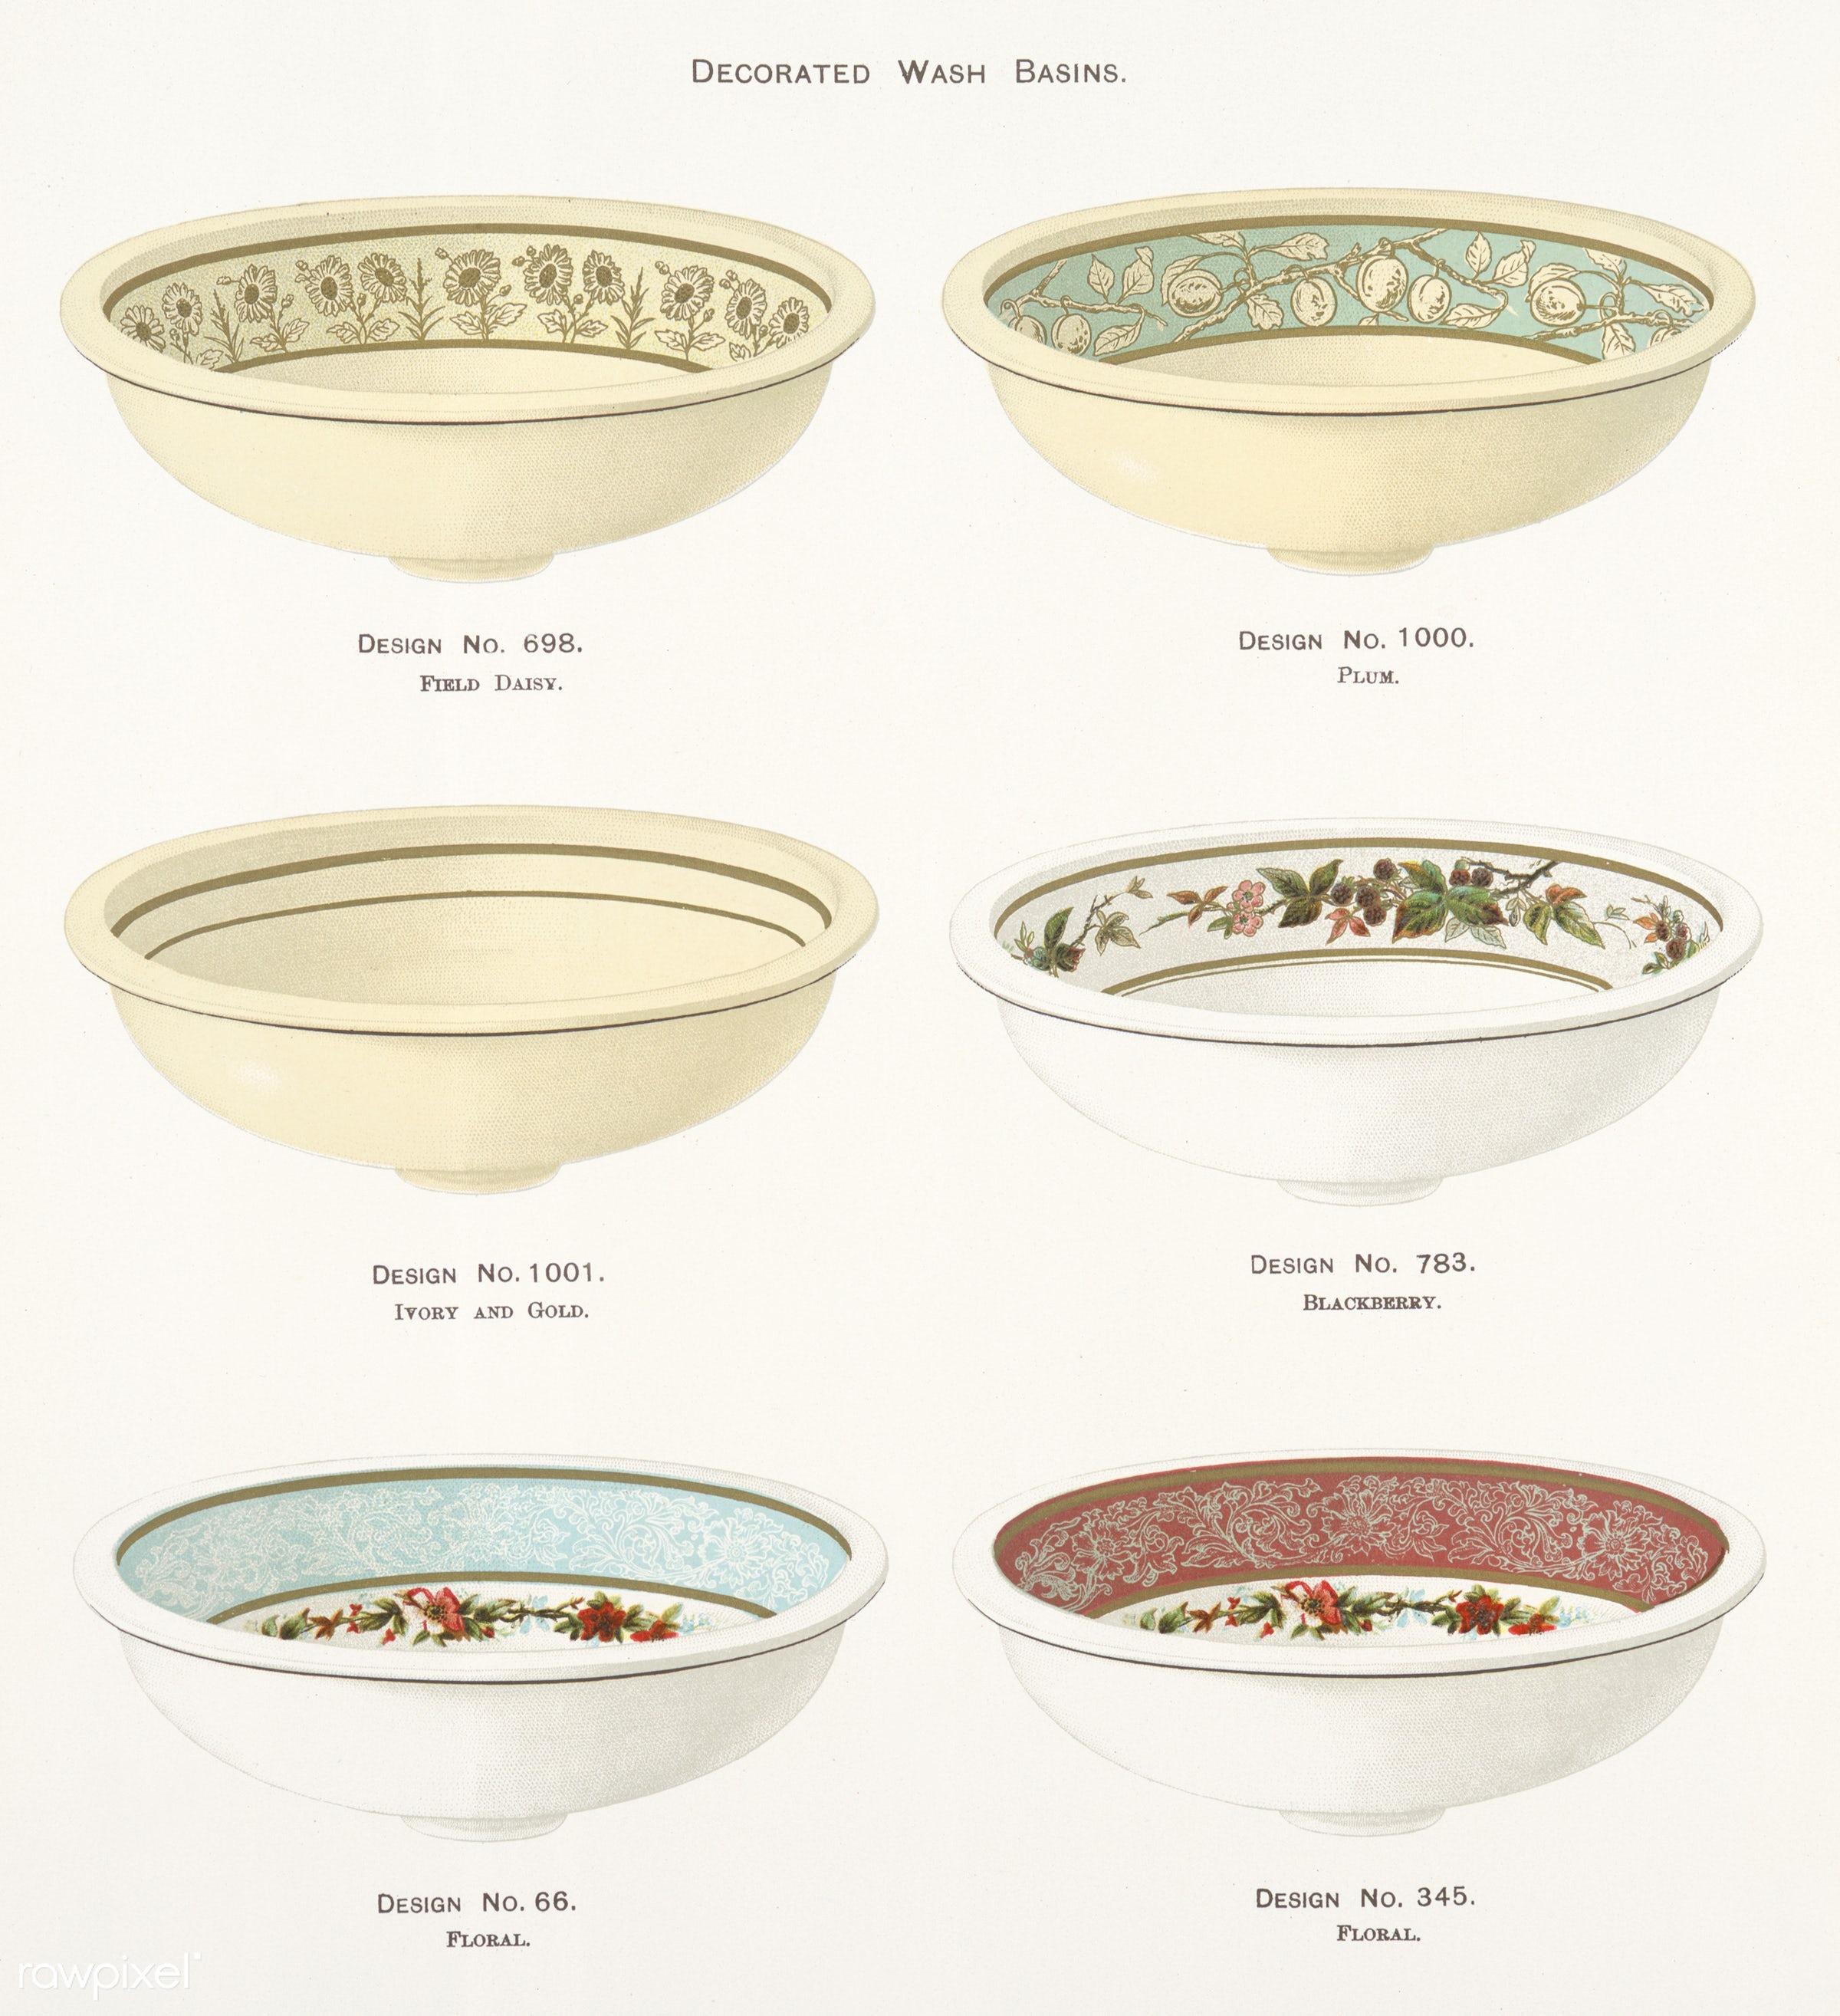 Vintage Illustration of decorated wash basins published in 1884 by J.L. Mott Iron Works. - antique, artwork, basins, bowl,...